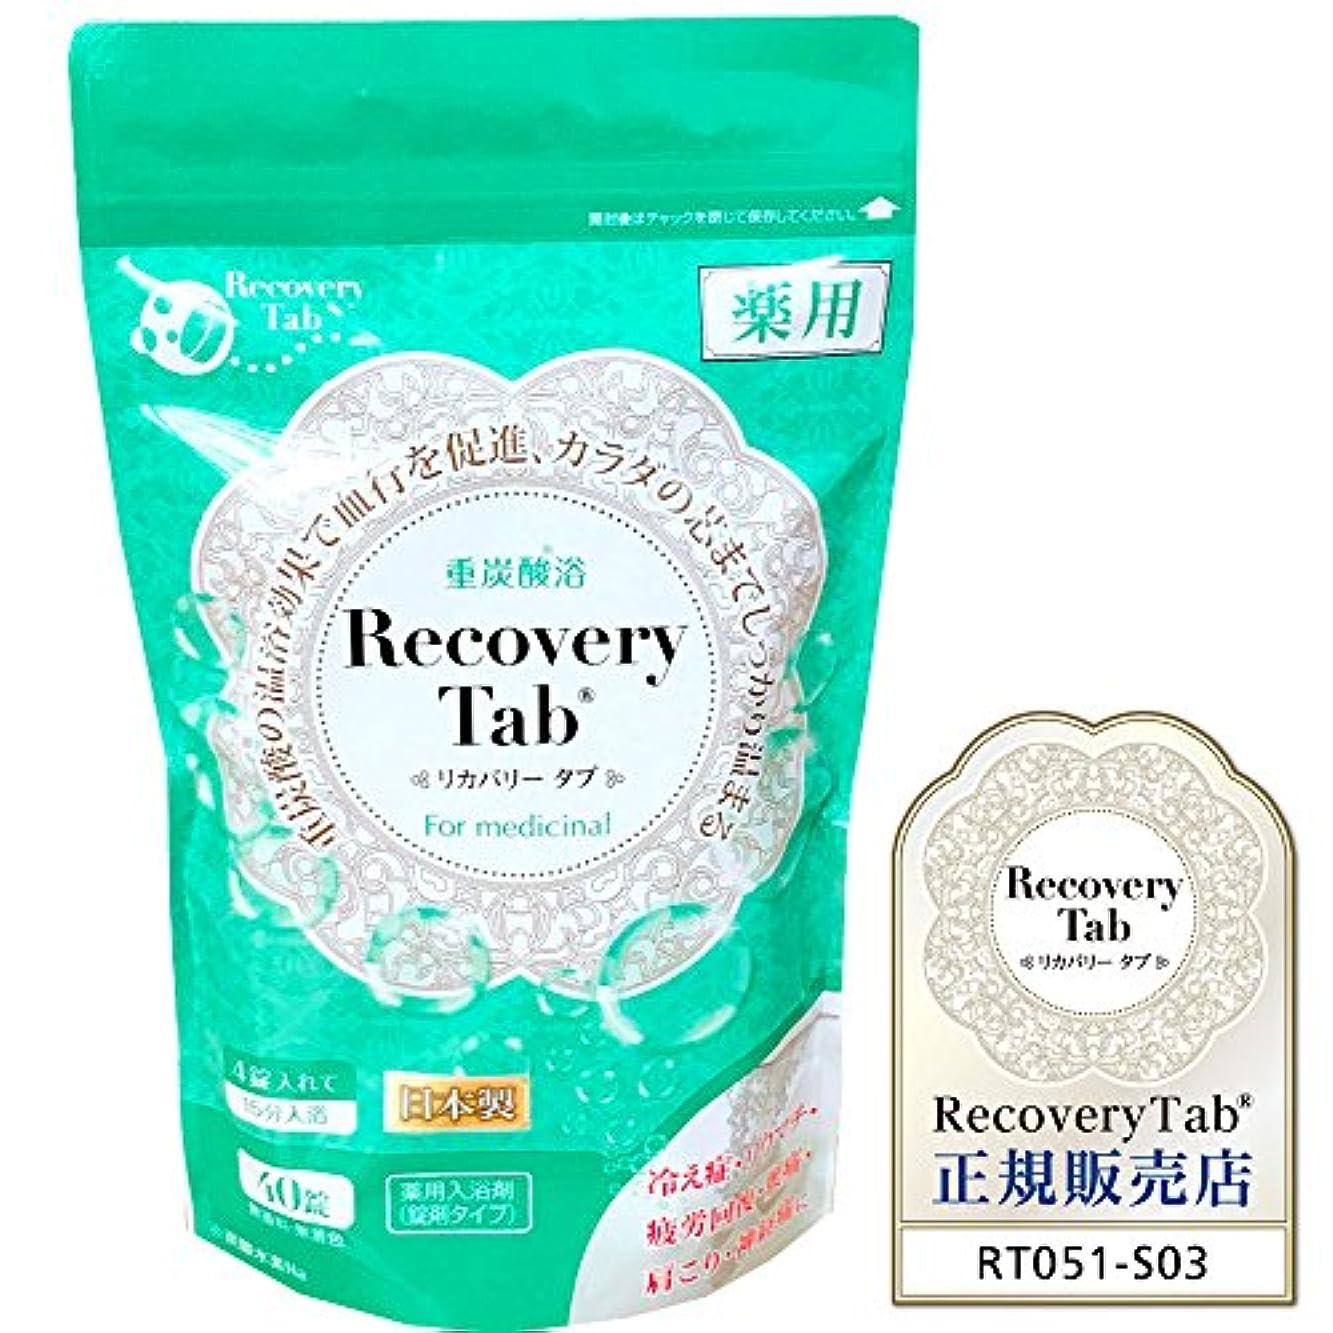 【Recovery Tab 正規販売店】 薬用 Recovery Tab リカバリータブ 重炭酸浴 医薬部外品 40錠入